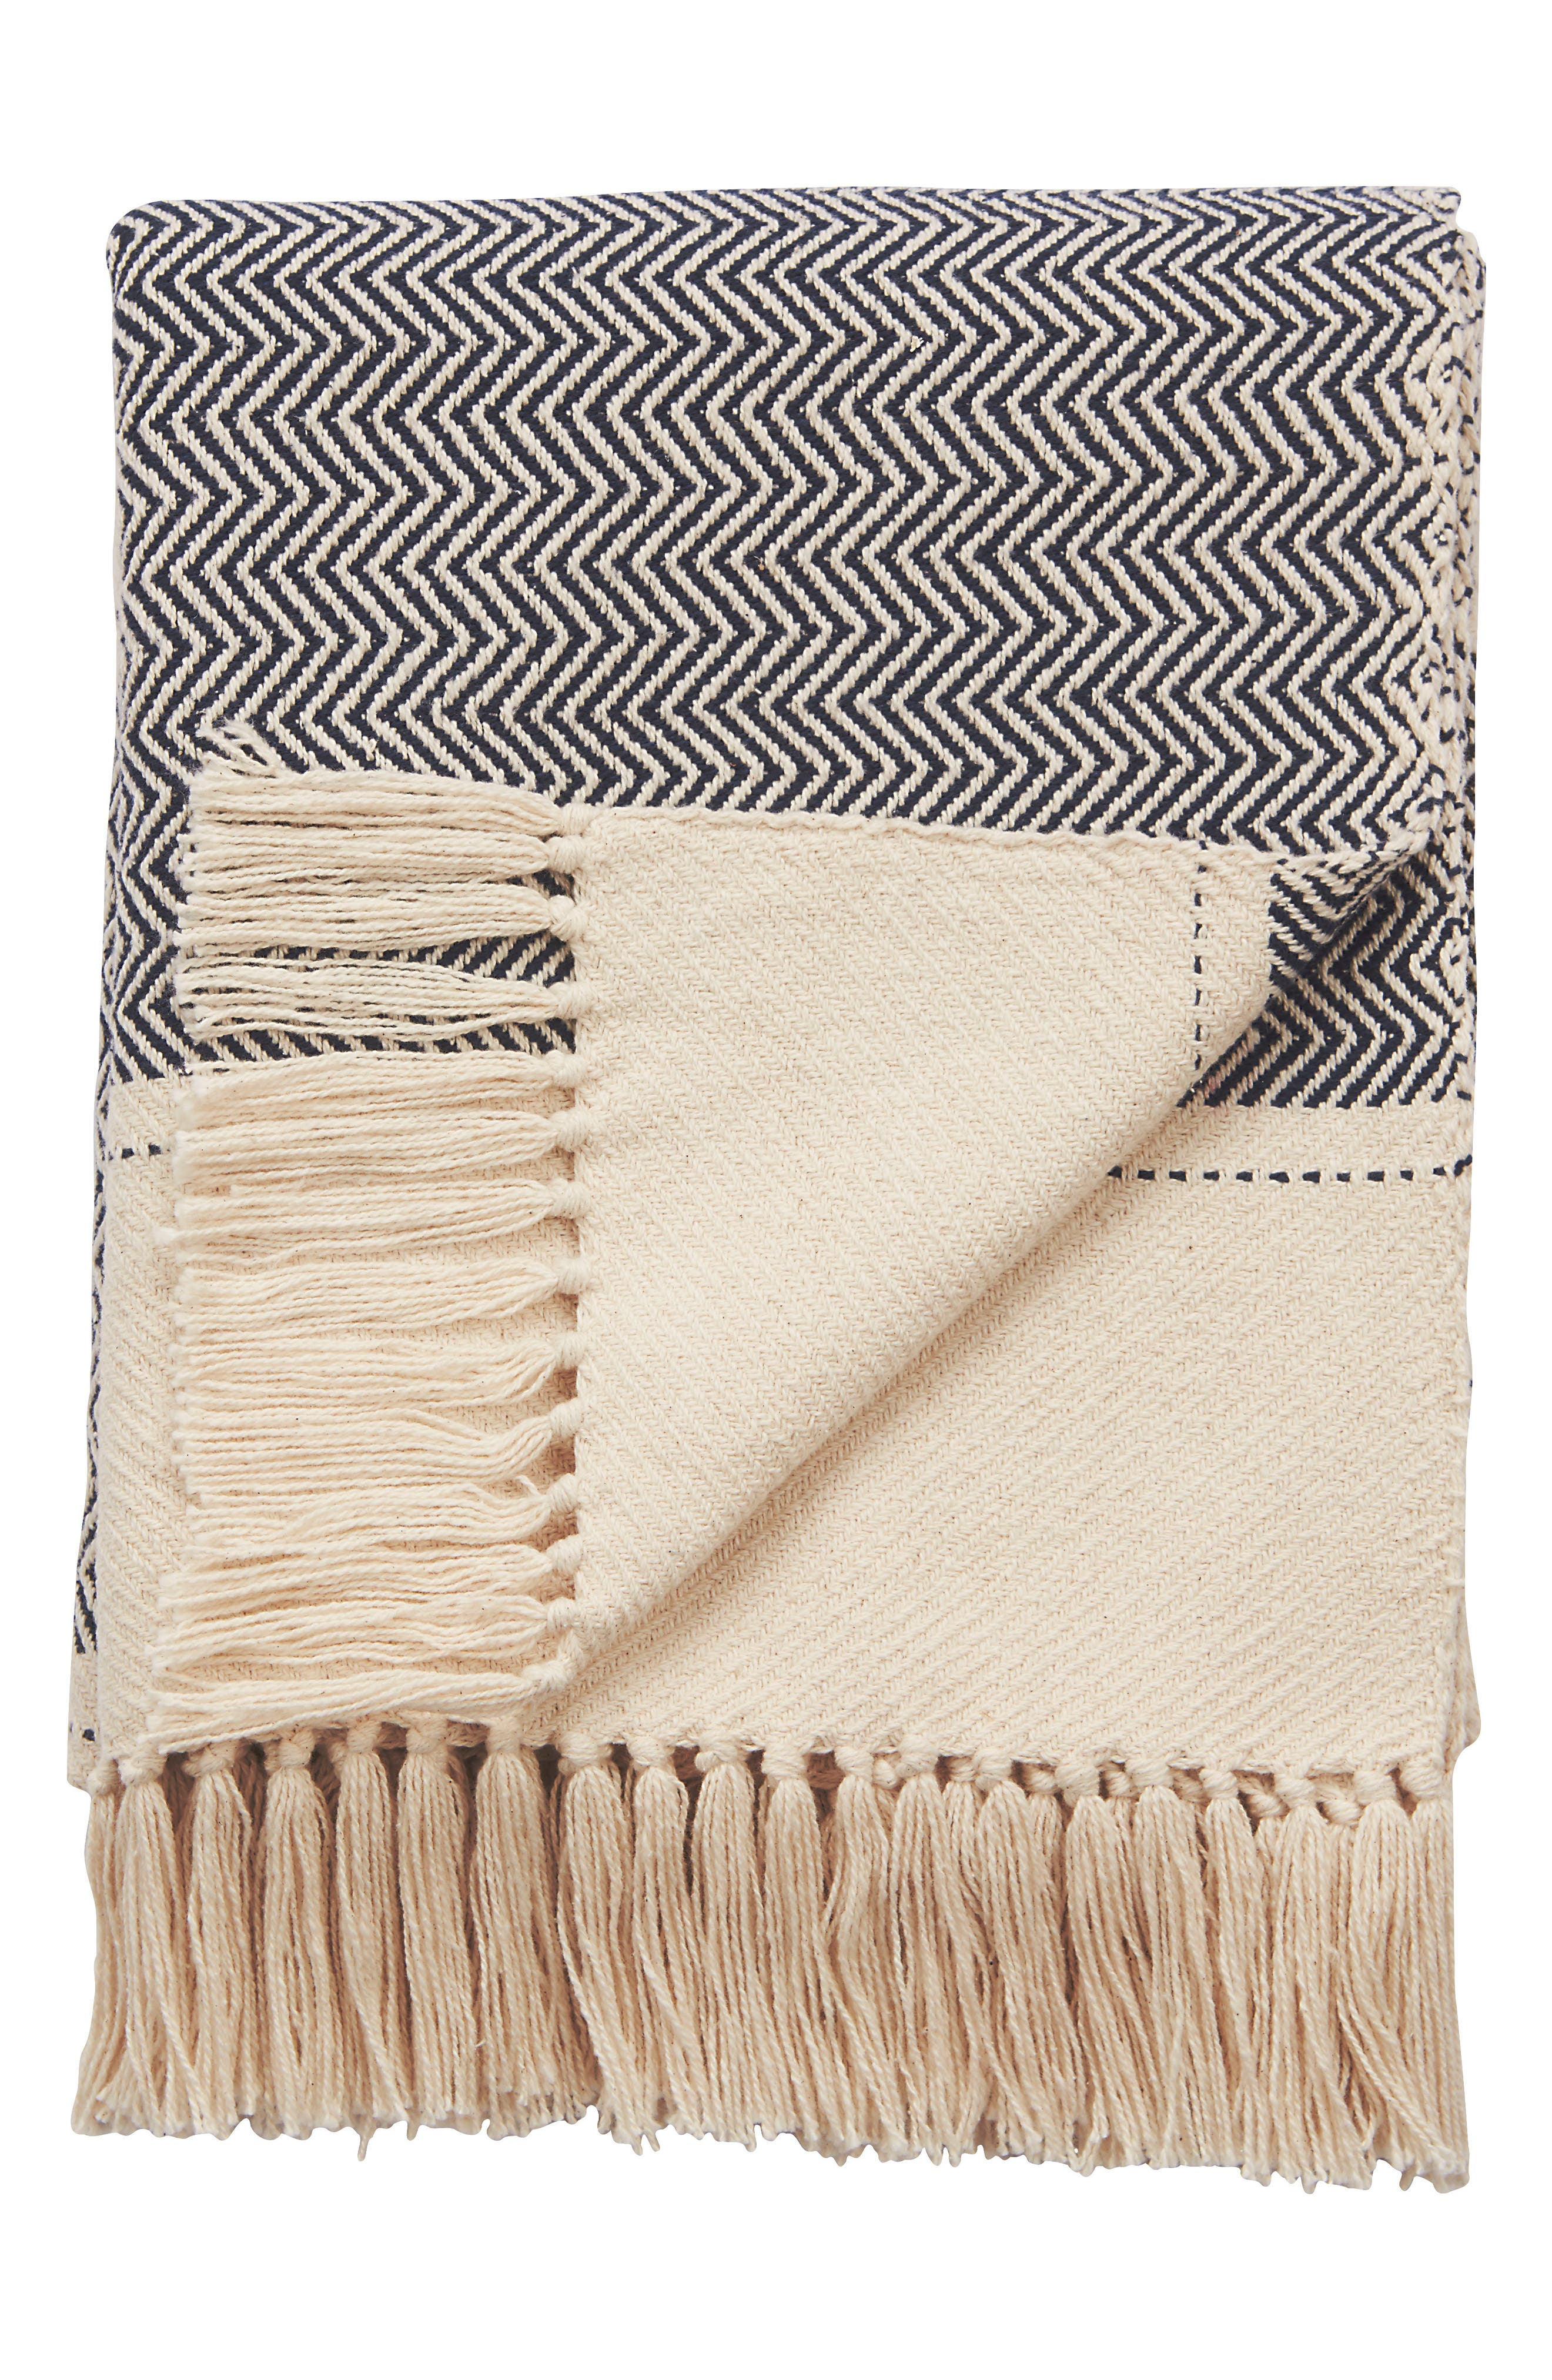 Spirit Hand Loomed Throw Blanket,                             Main thumbnail 1, color,                             BLACK/ WHITE